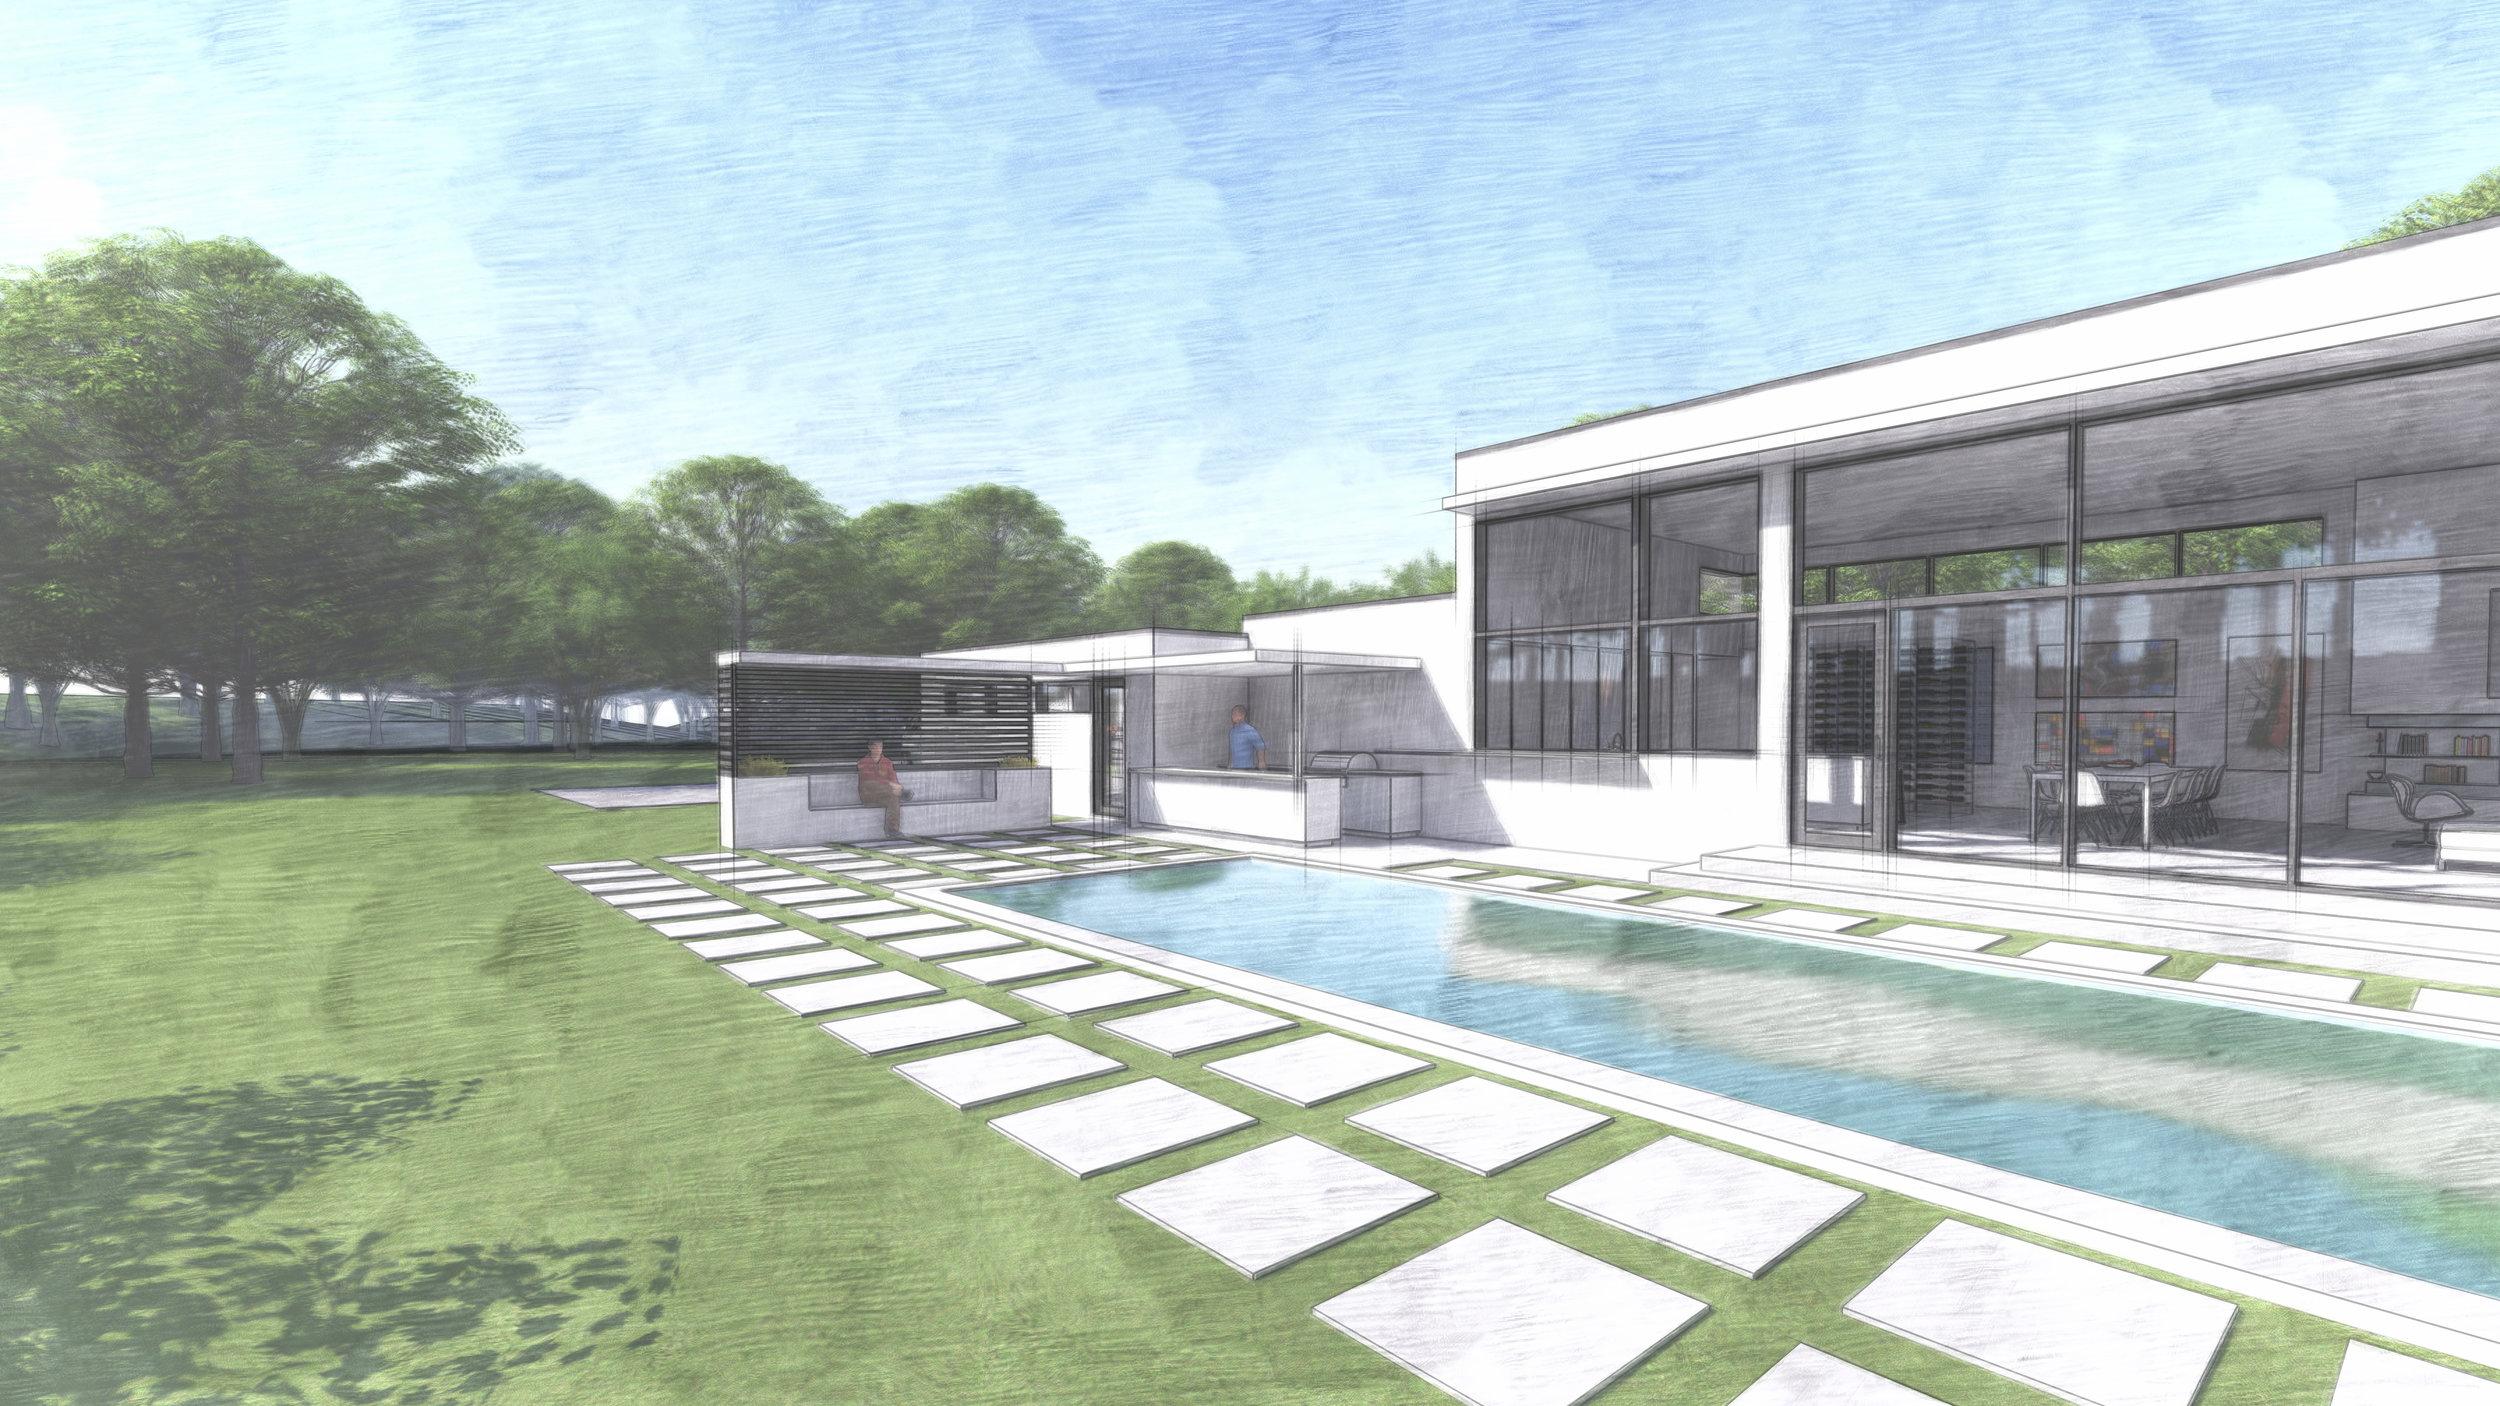 Pool View 5-17-18.jpg